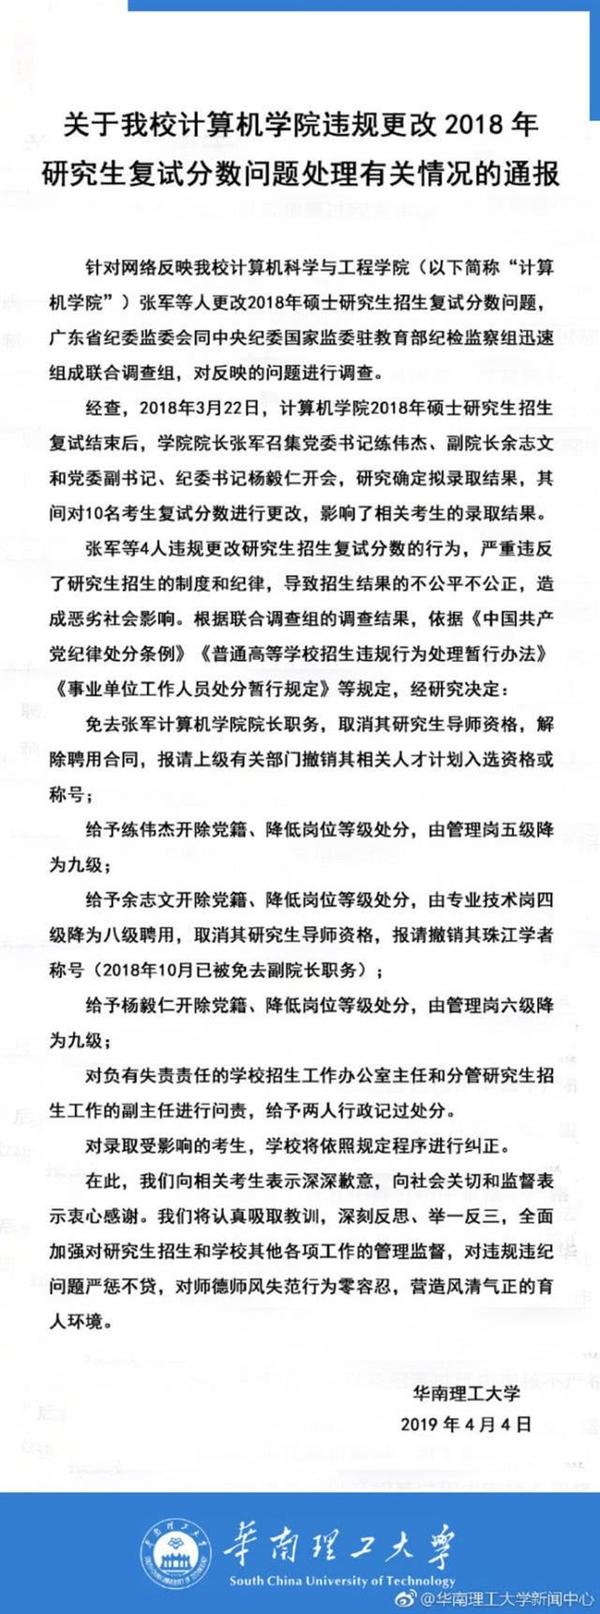 """华南理工通报""""10人考研成绩被篡改""""事件"""